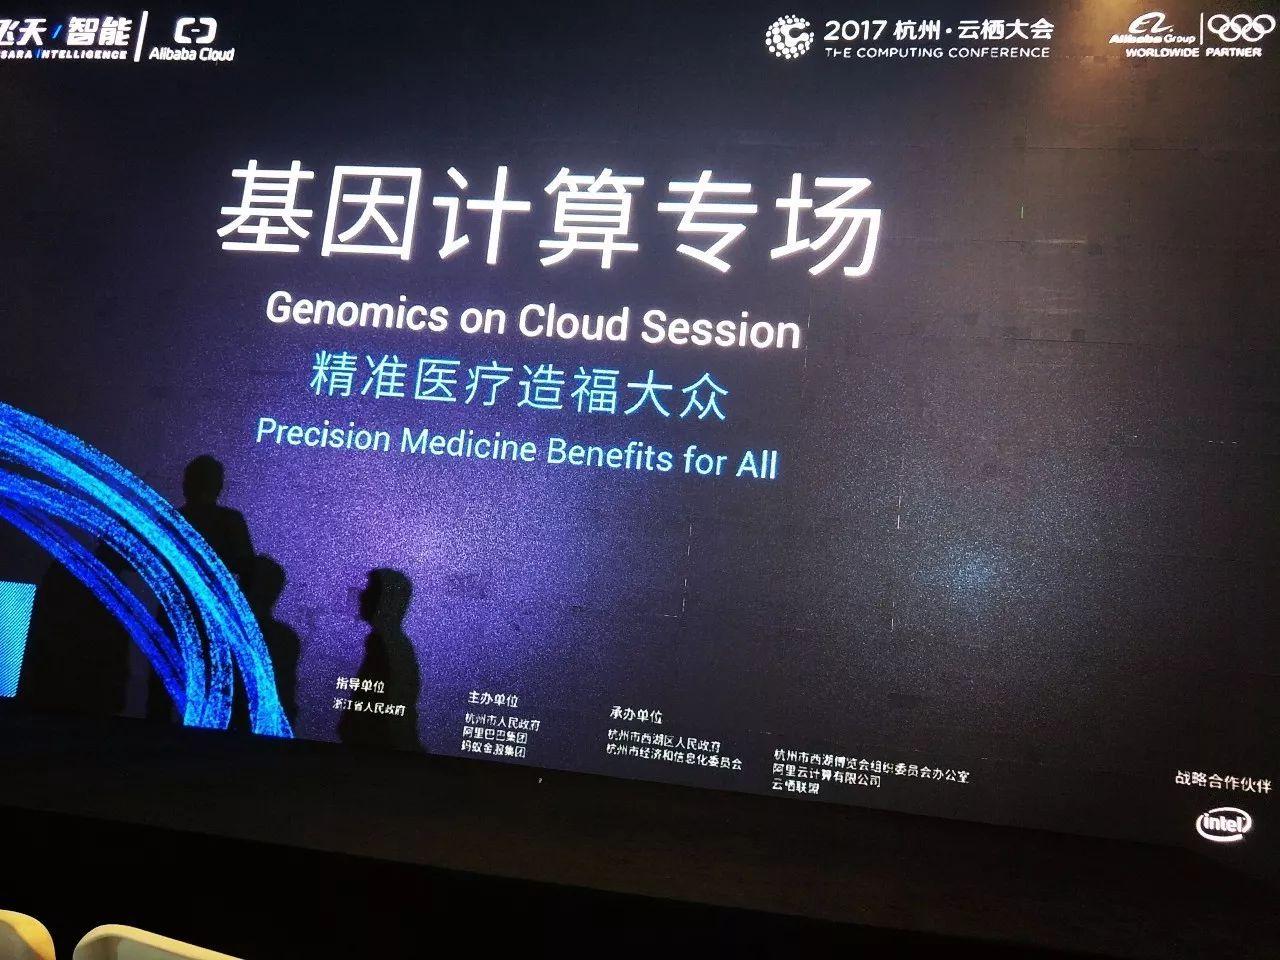 基因慧云栖大会报道|基因计算专场三代测序、Data mining等6个专家干货分享